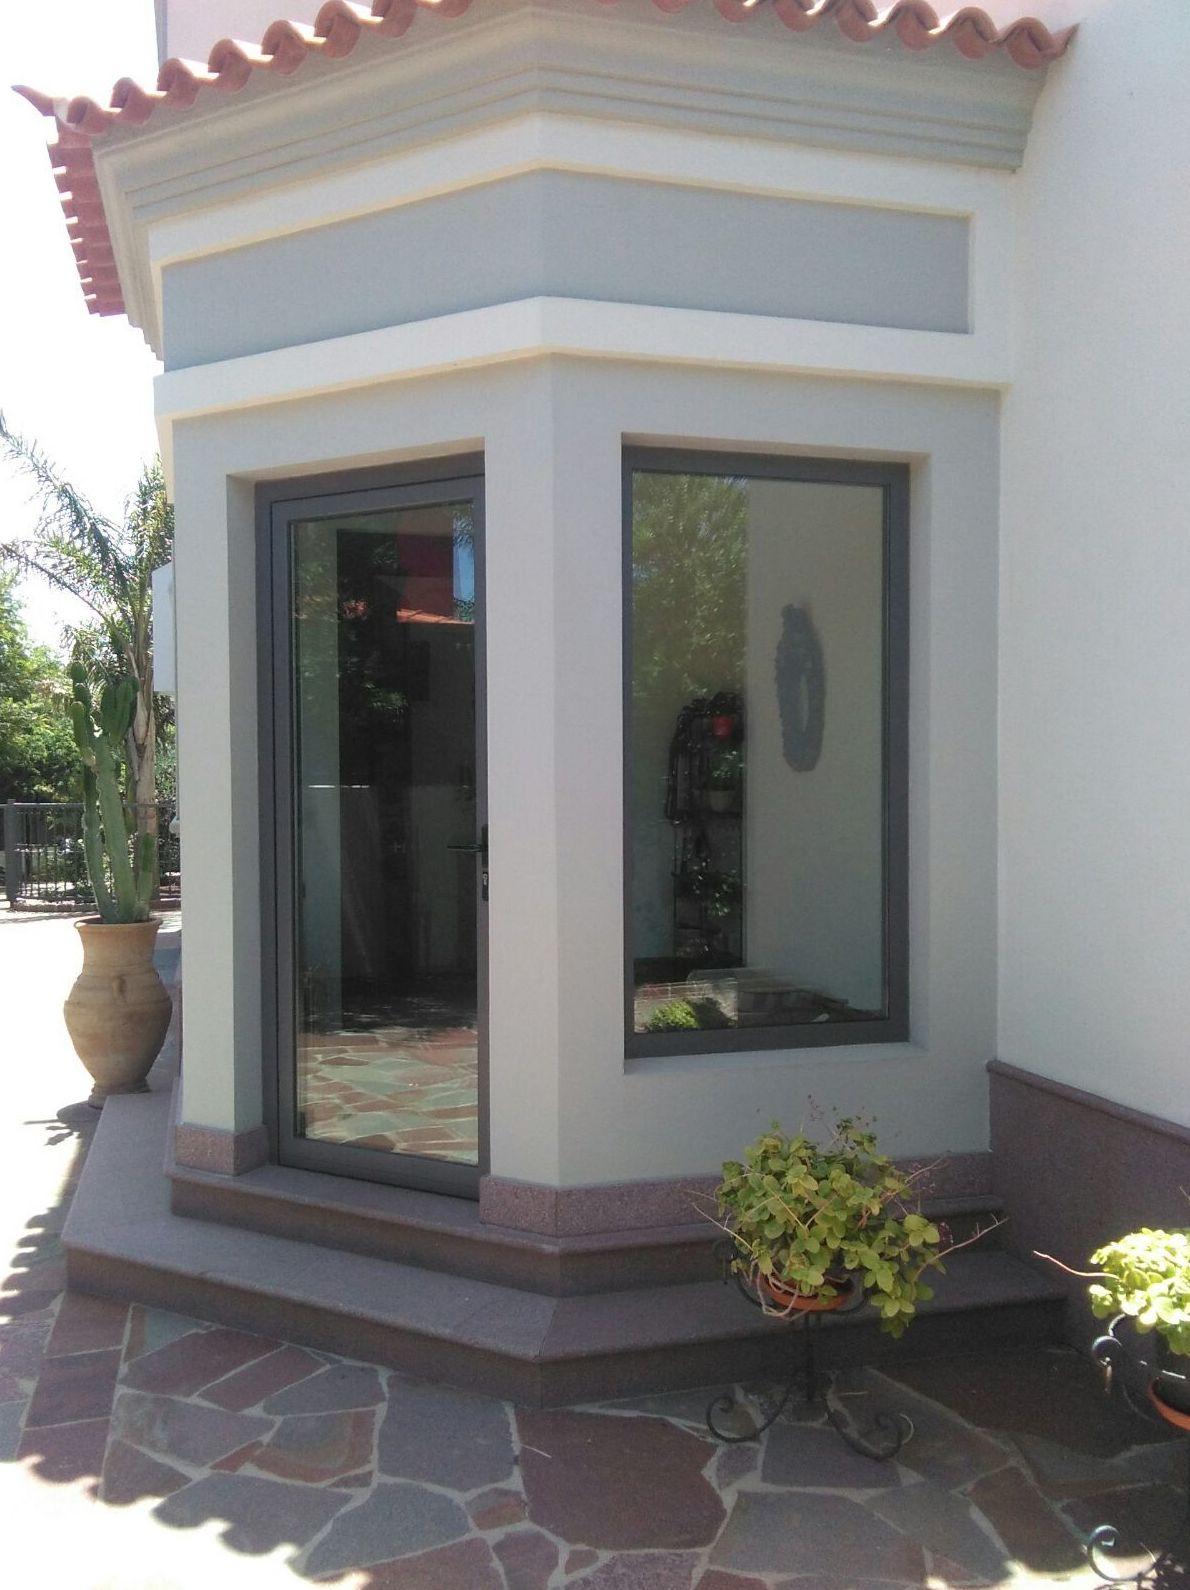 Puerta y ventana de aluminio para entrada a vivienda